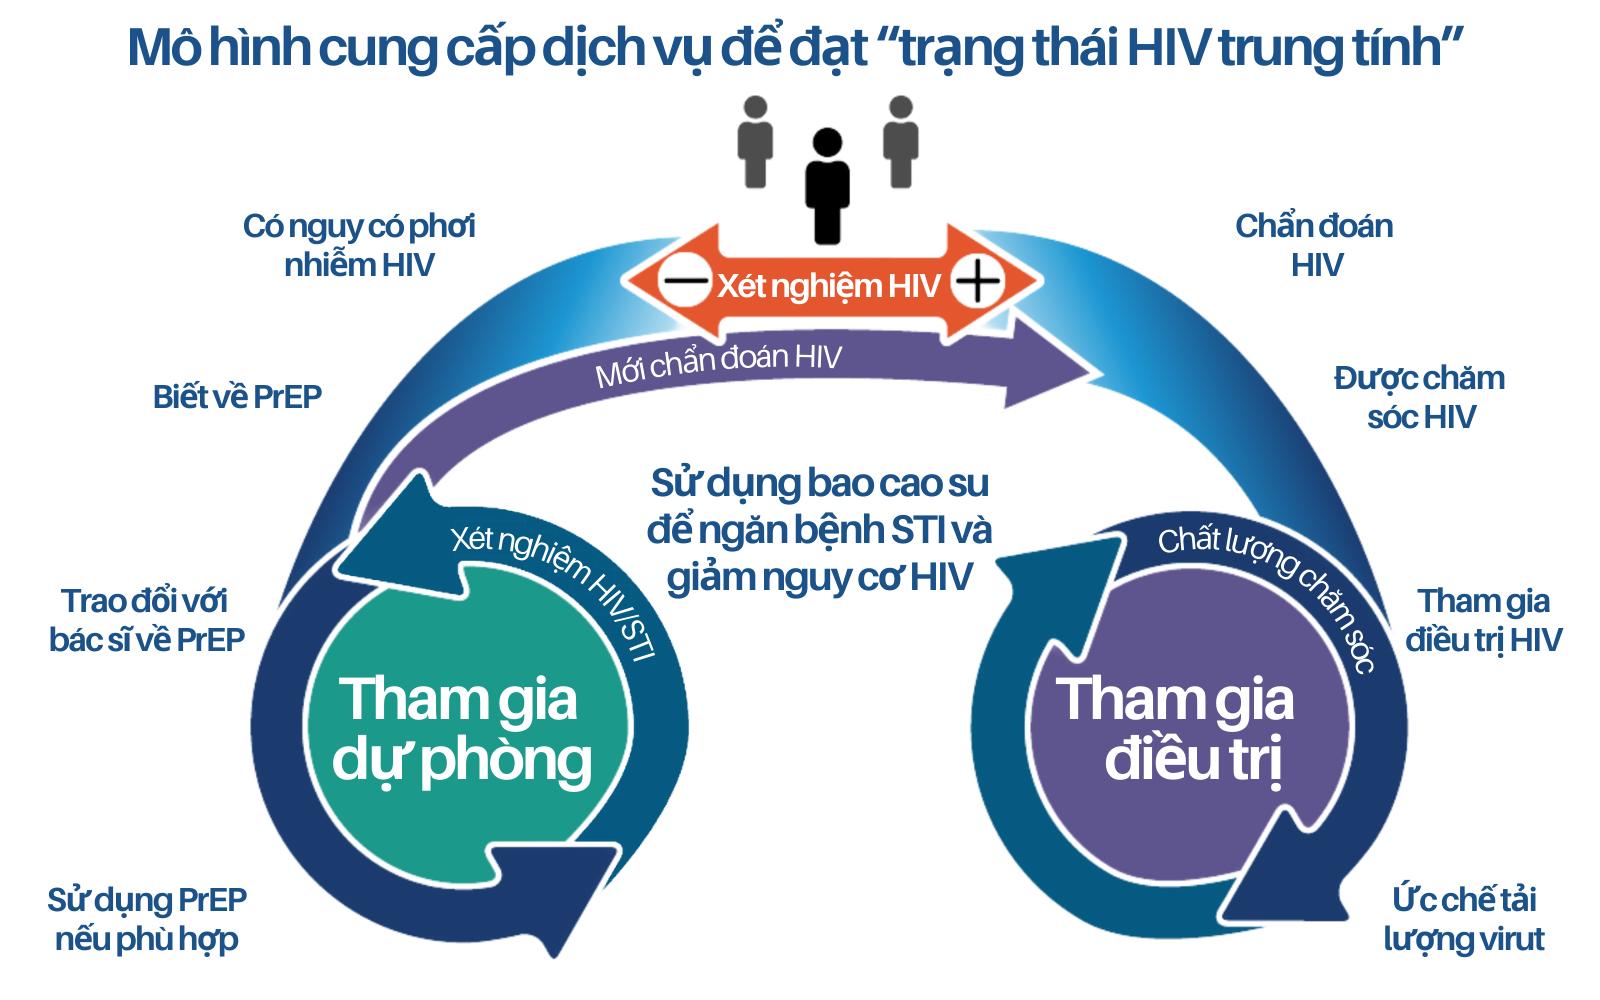 HIV trung tính